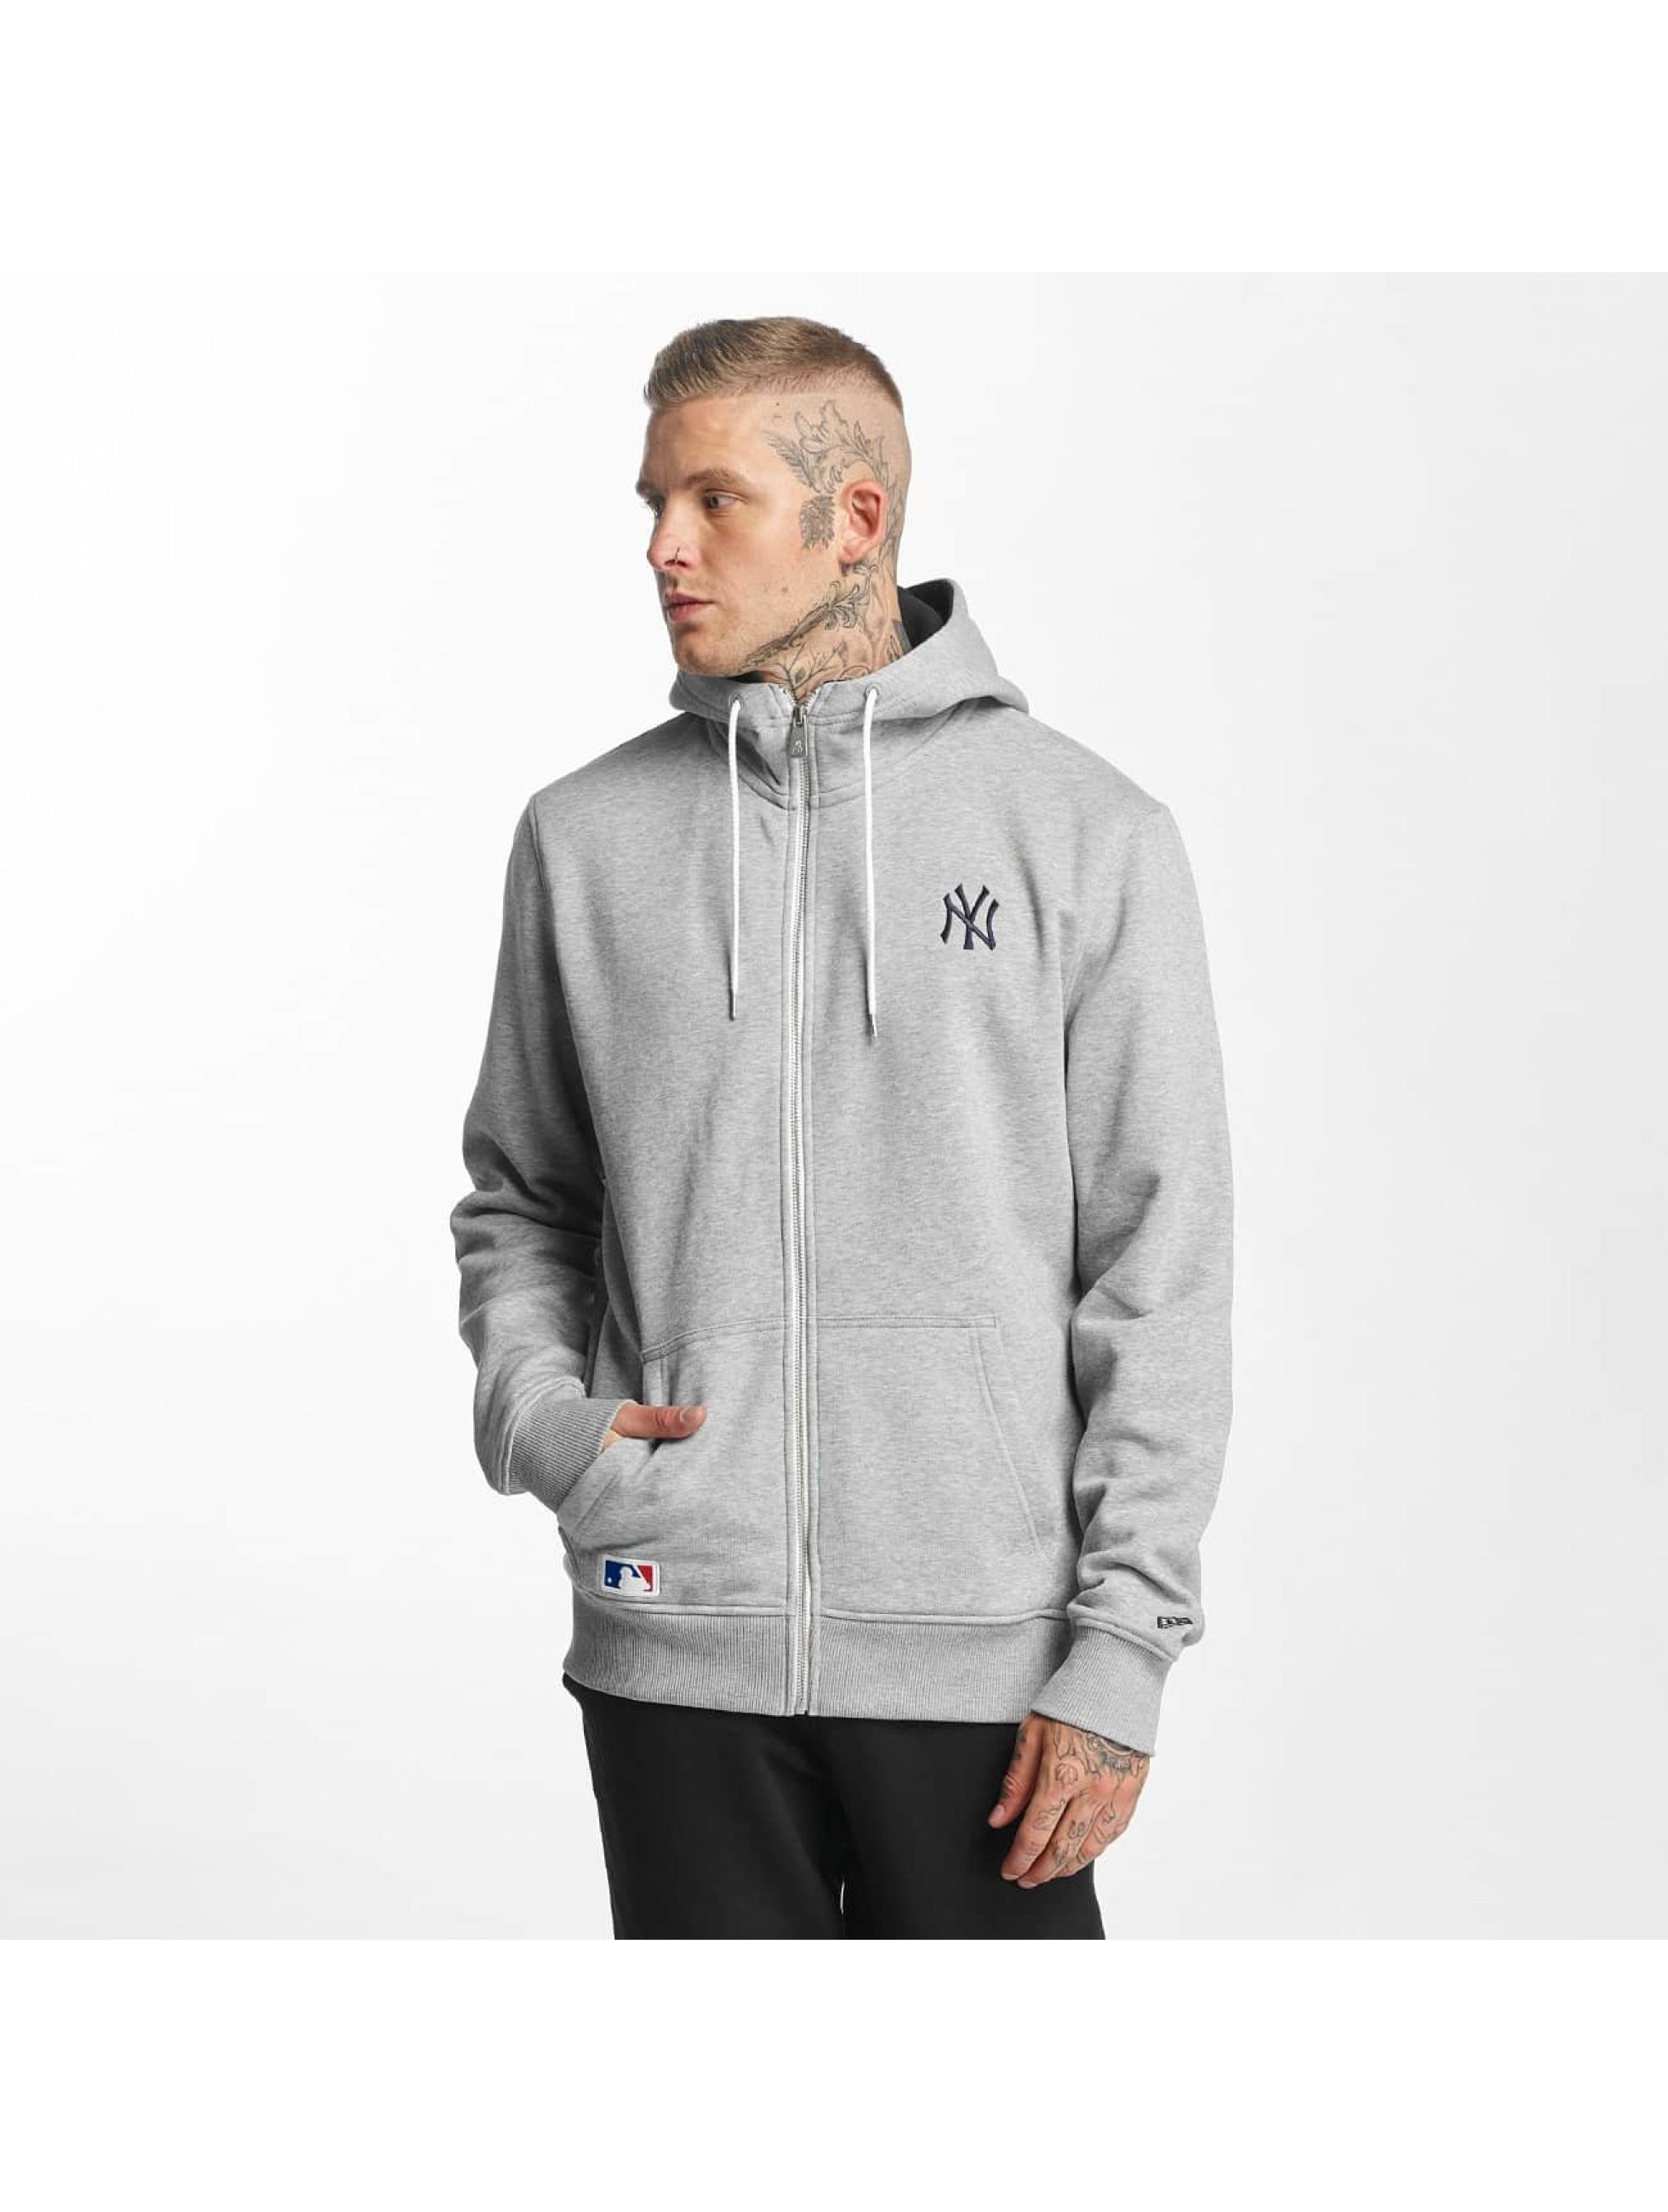 New Era Zip Hoodie NY Yankees grey